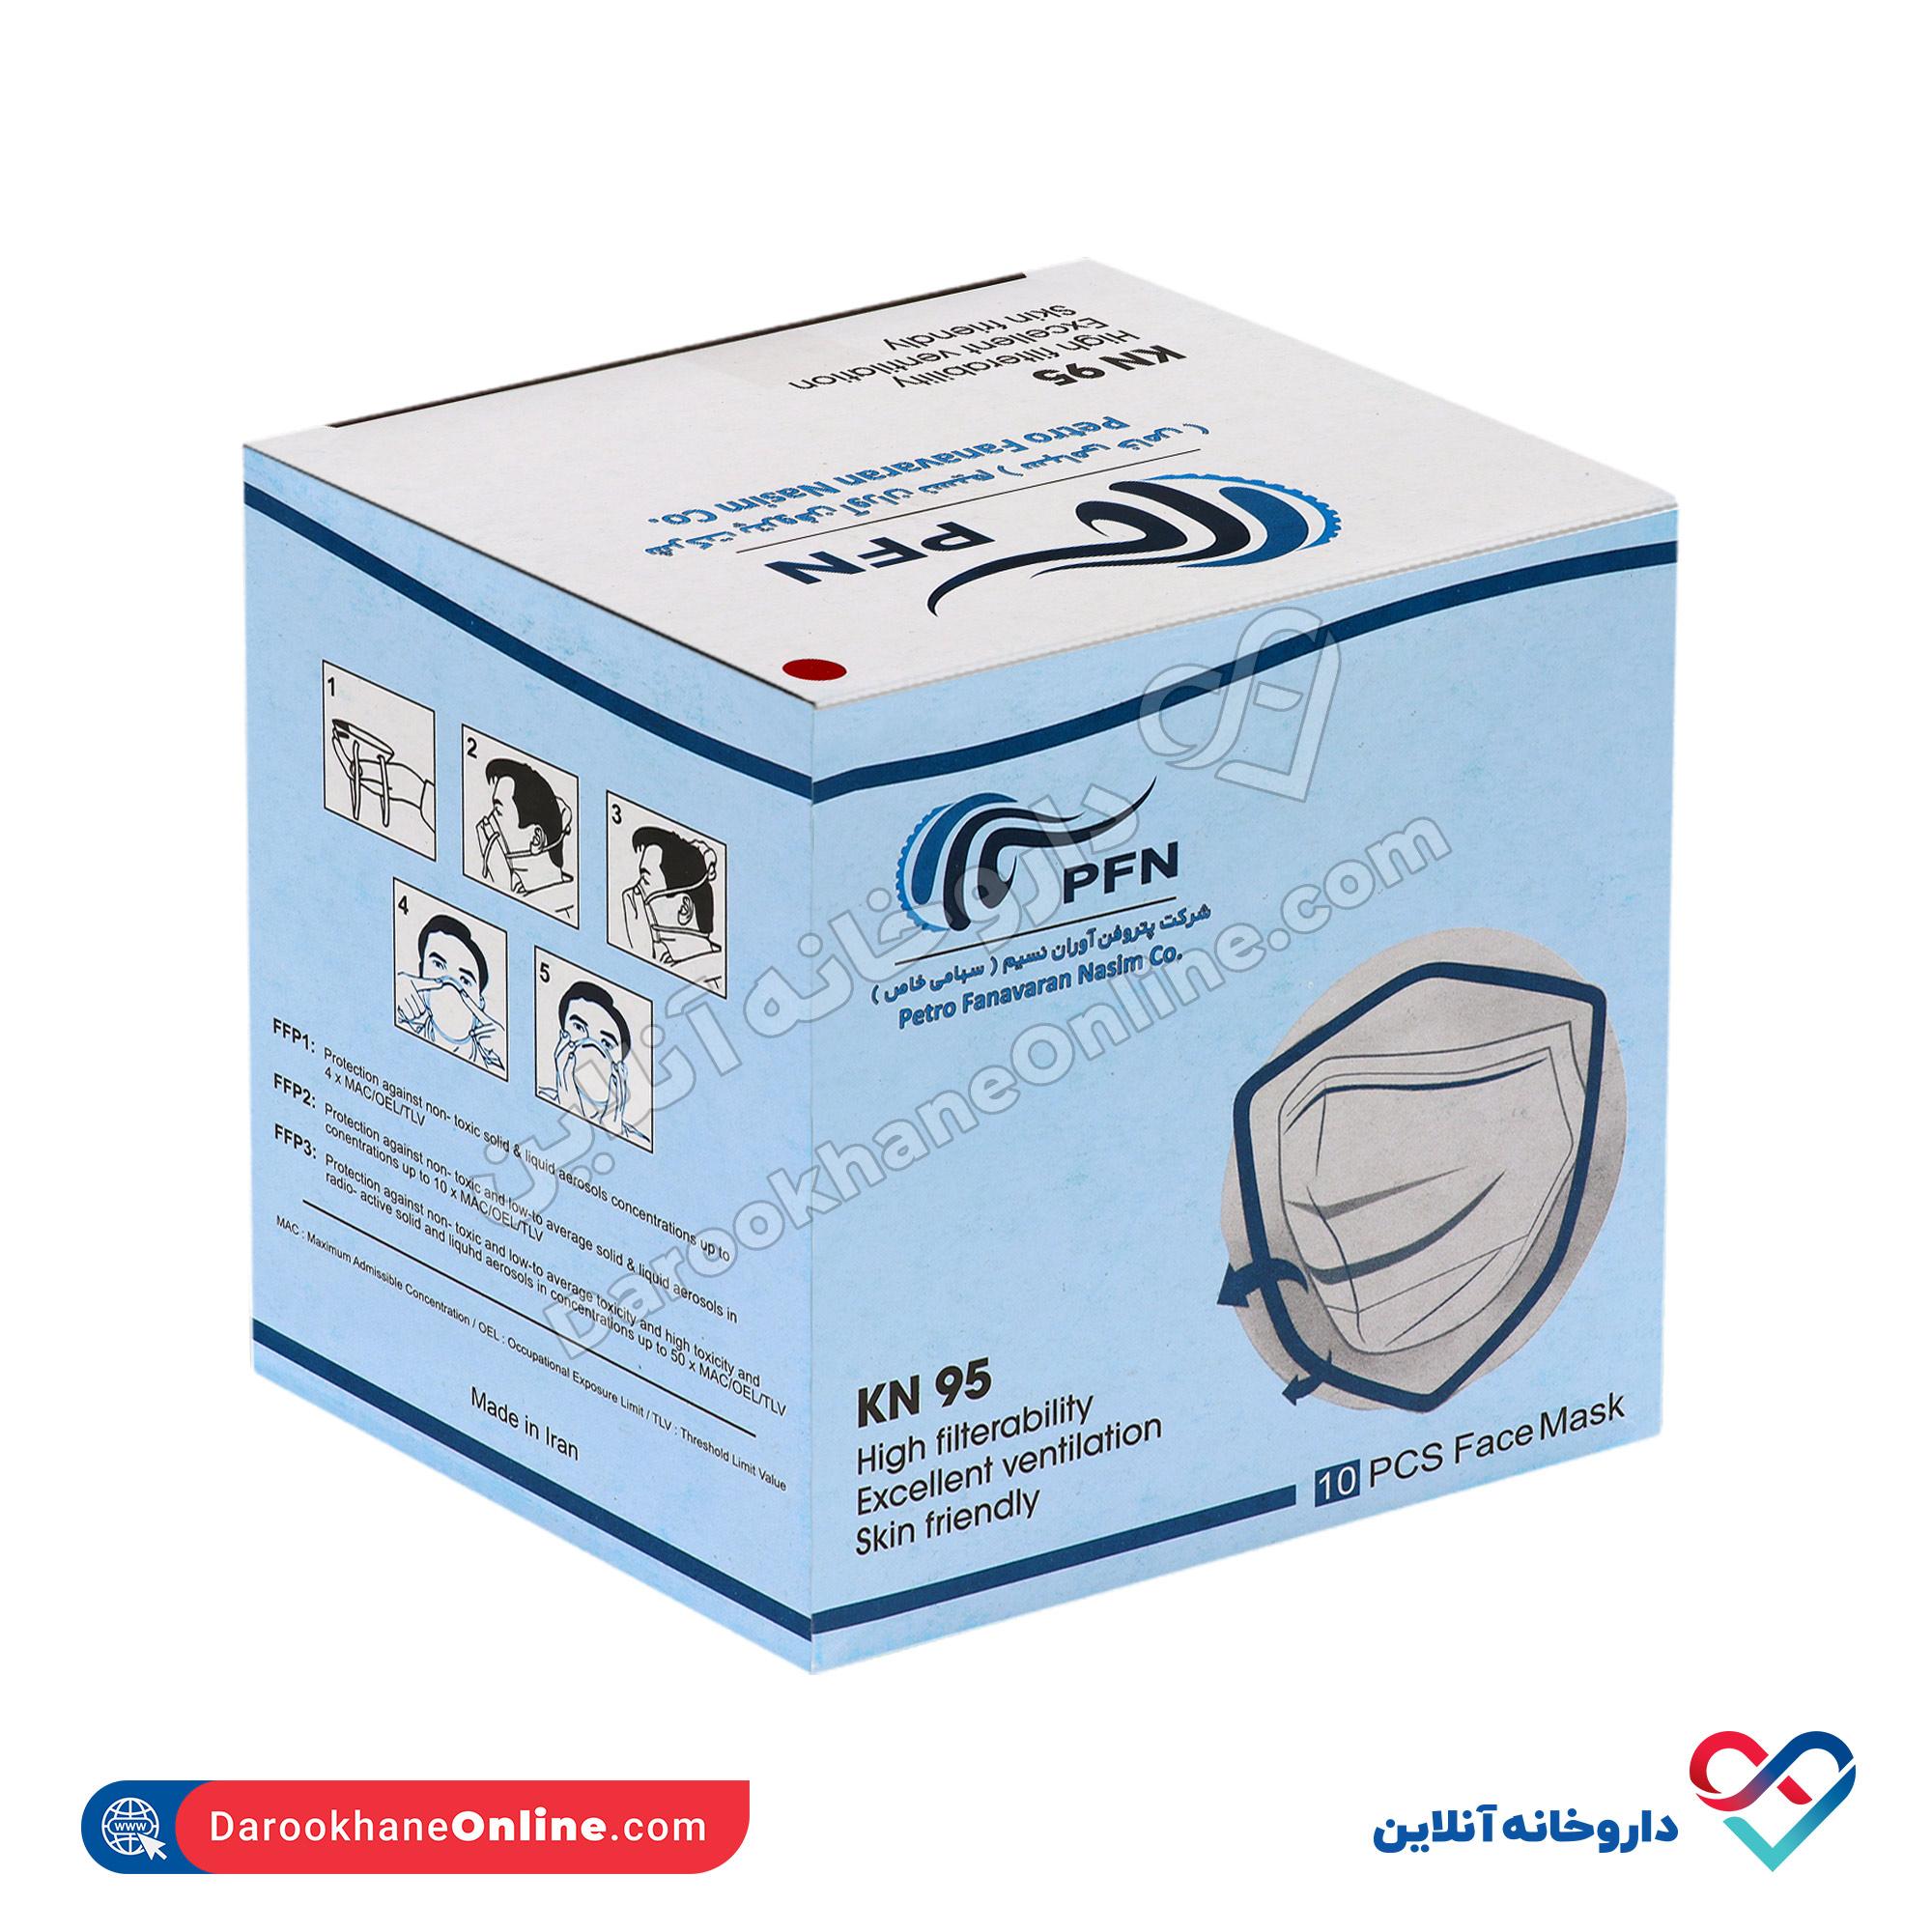 ماسک  K N95 فیلتر دار | 5 لایه ملت بلون به همراه کربن | بسته 10 عددی